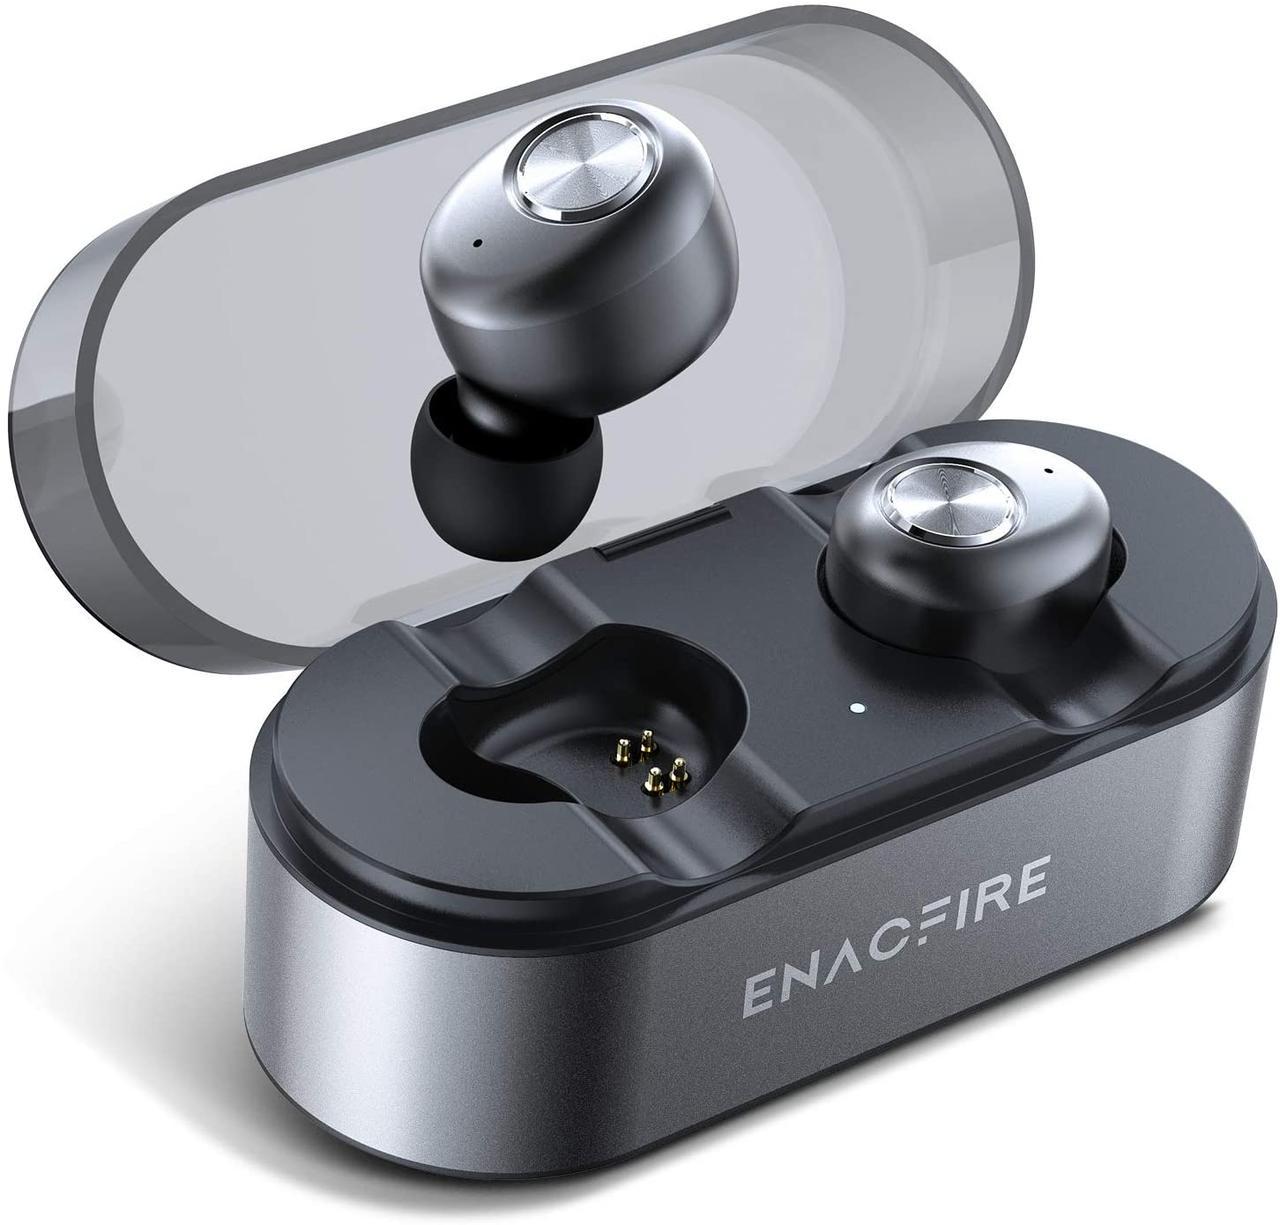 Enacfire E18 Pro Bluetooth 5.0 Бездротові навушники з бездротовим чохлом для зарядки 3D Стерео звук